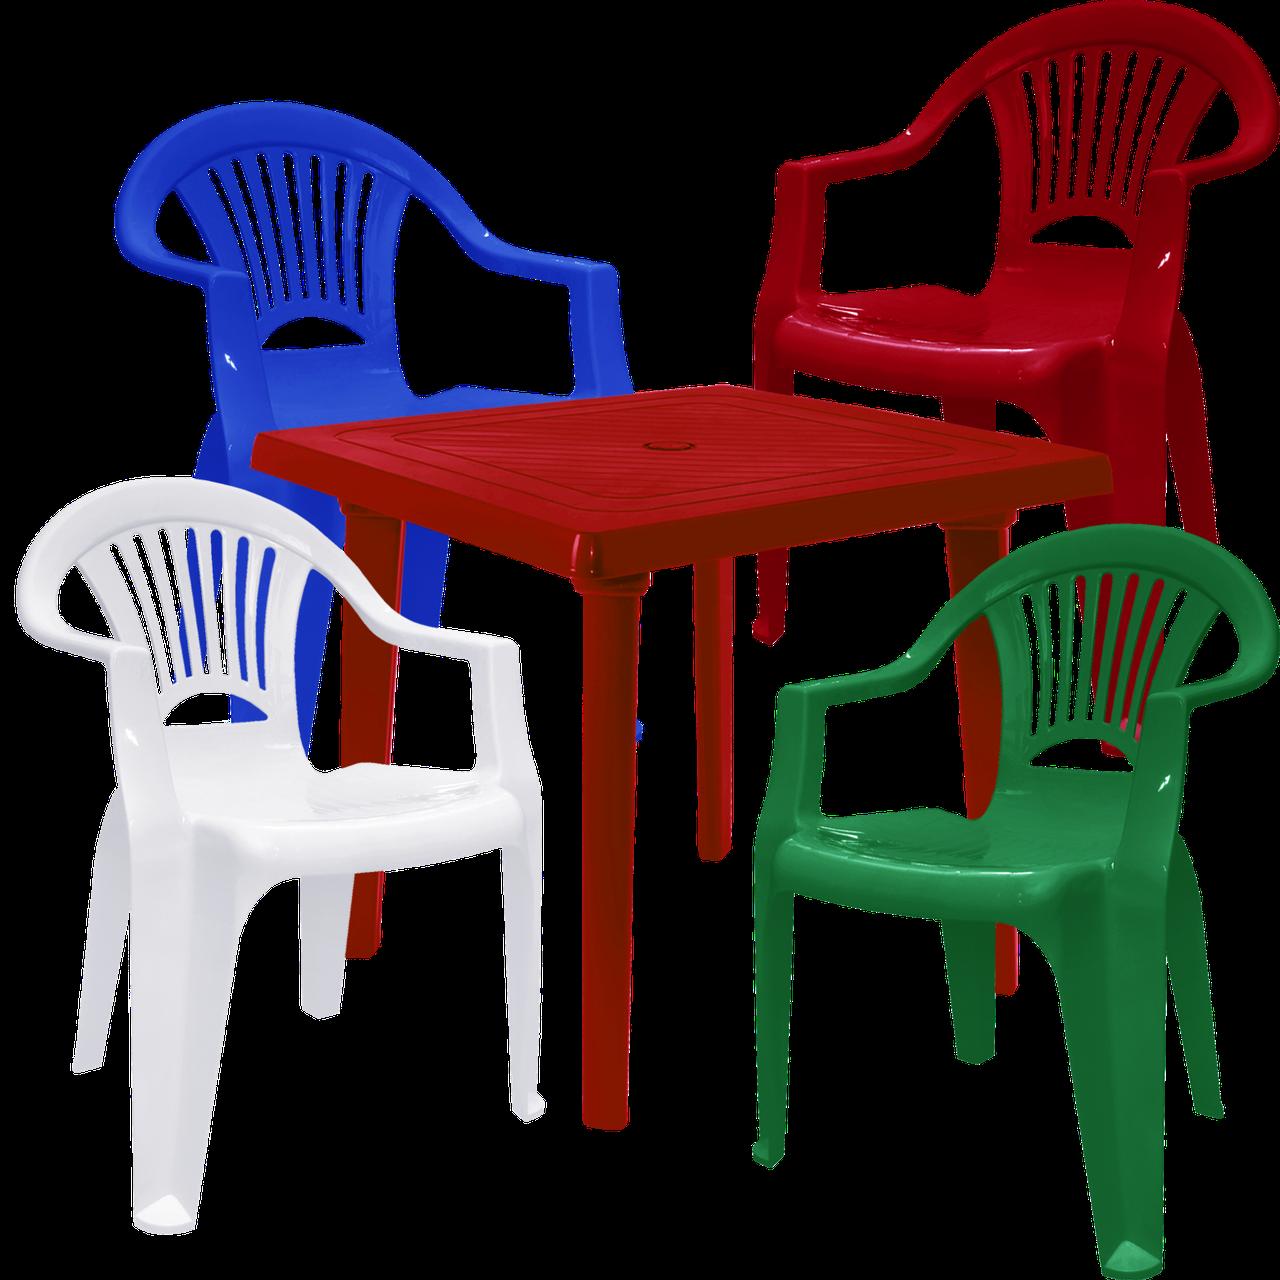 Набор мебели пластиковой Разноцветный (ЛУКВАД 4mixv)